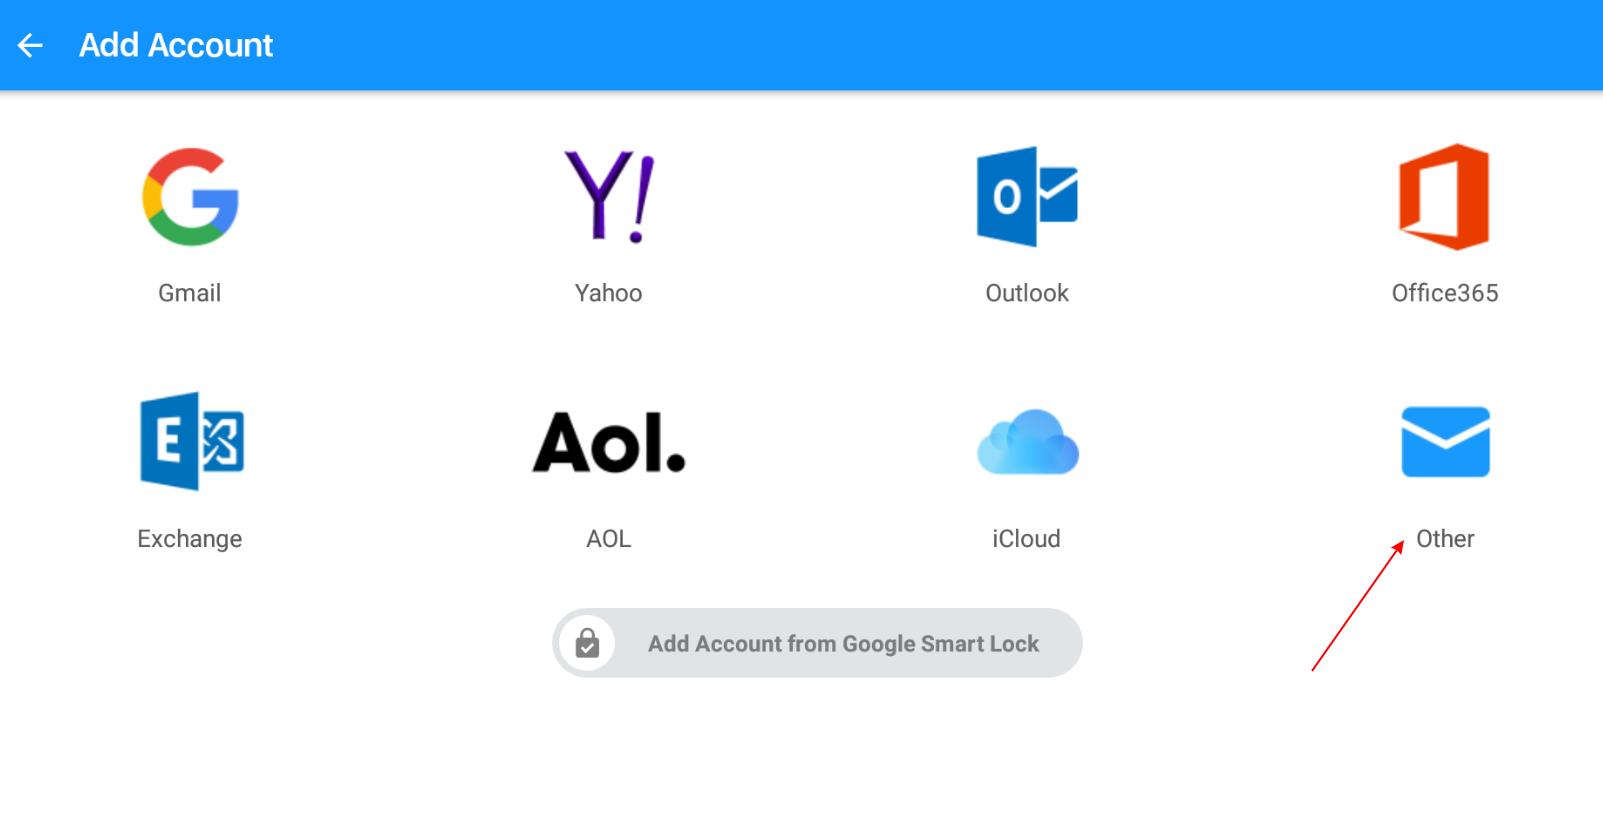 Hướng dẫn cấu hình Email doanh nghiệp trên phần mêm Google Mail trên Android 11